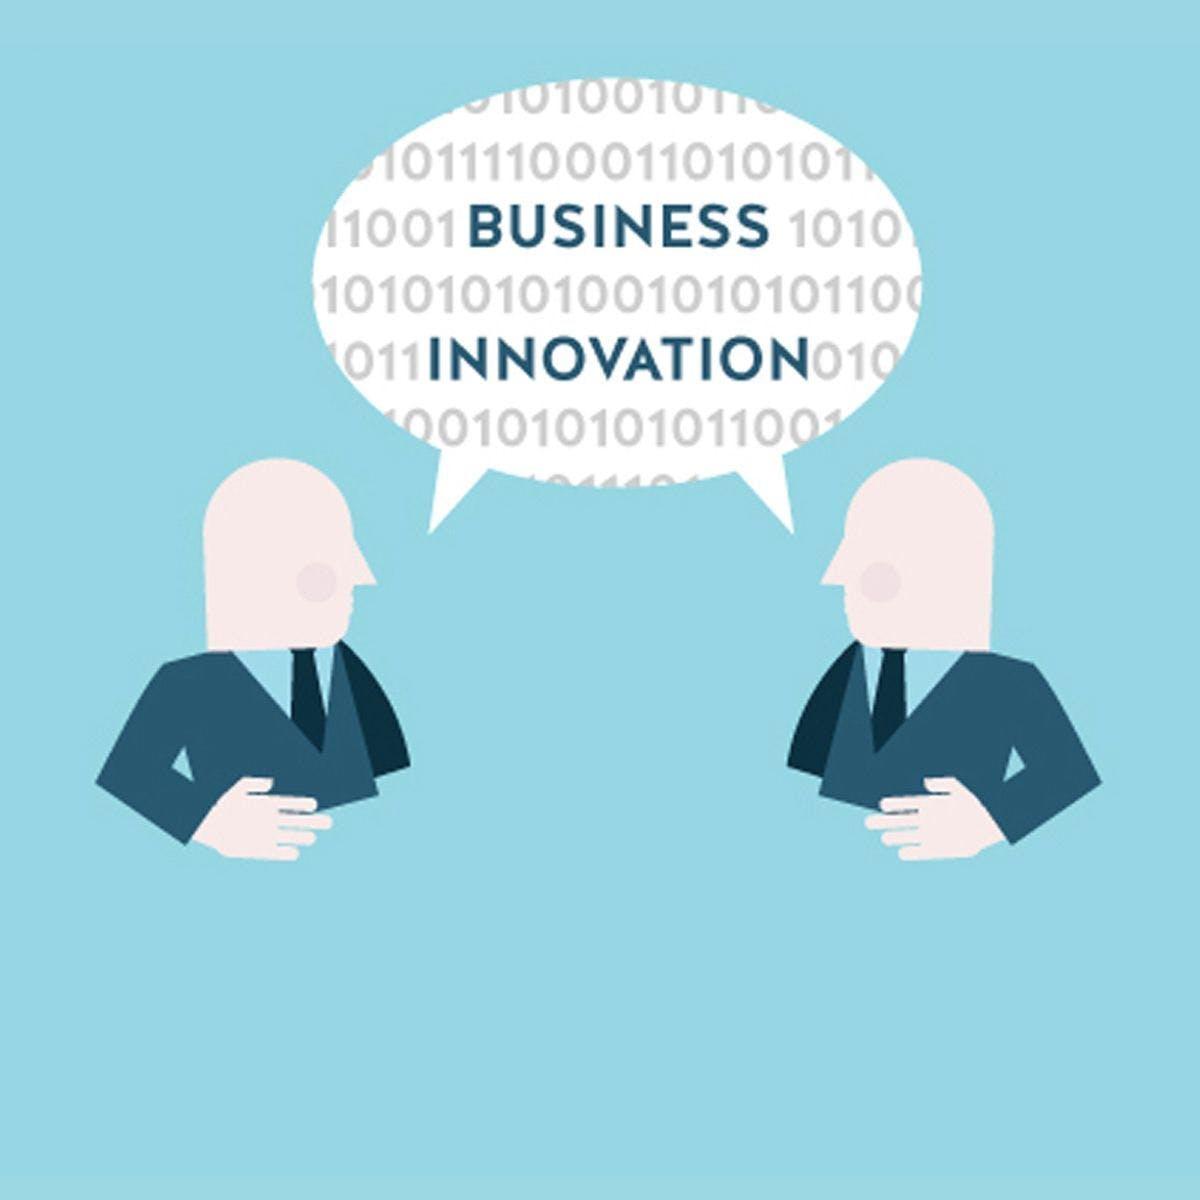 Innovating in a Digital World